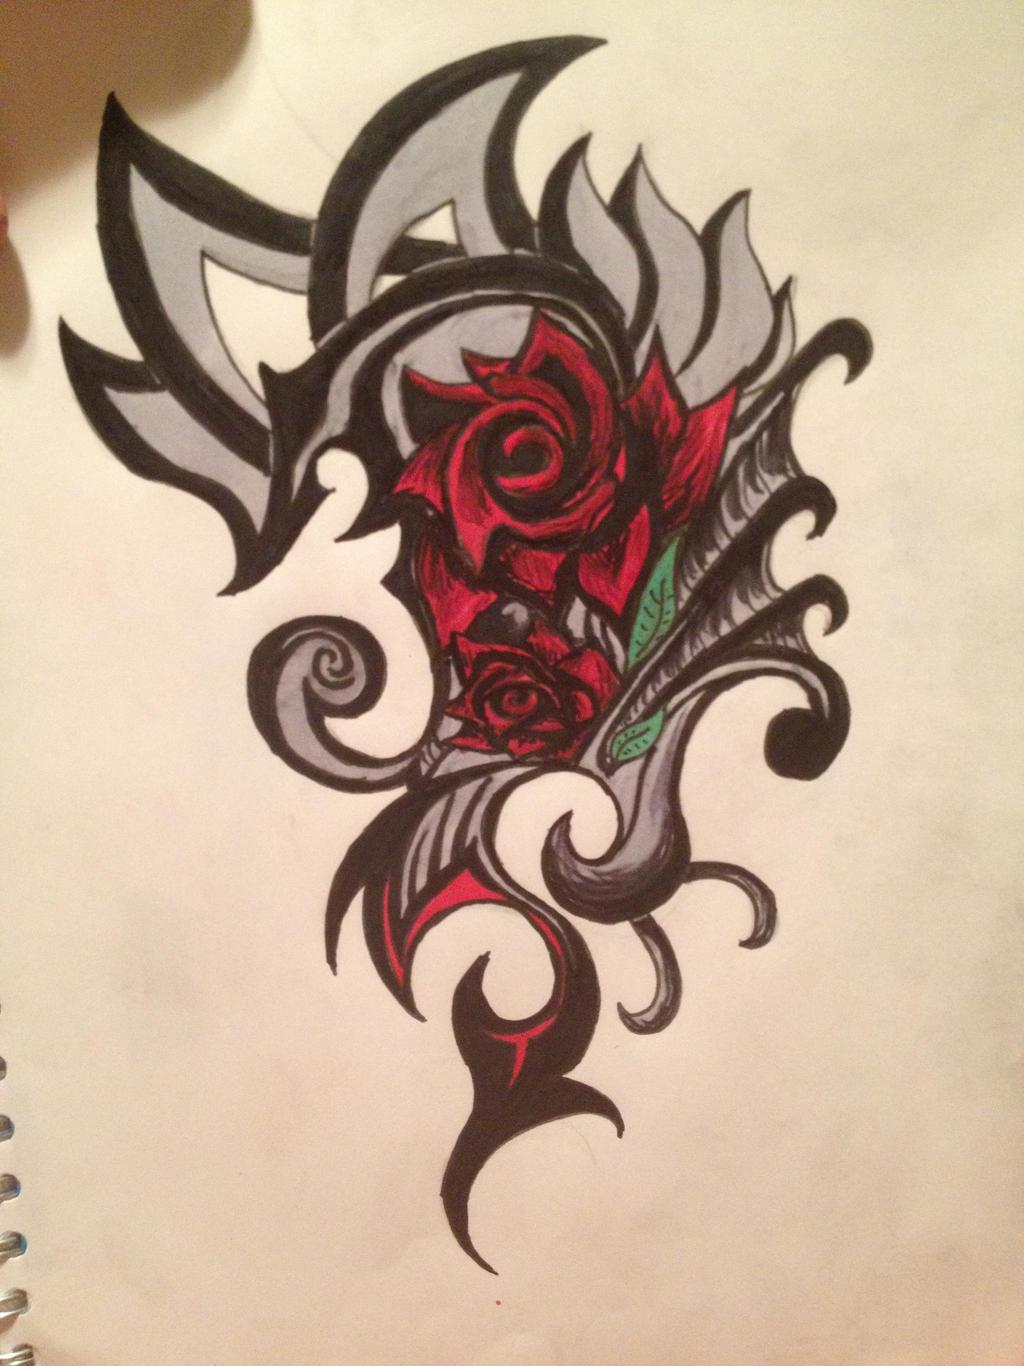 Rose Tribal Tattoo by SwimAngel7673 on DeviantArt